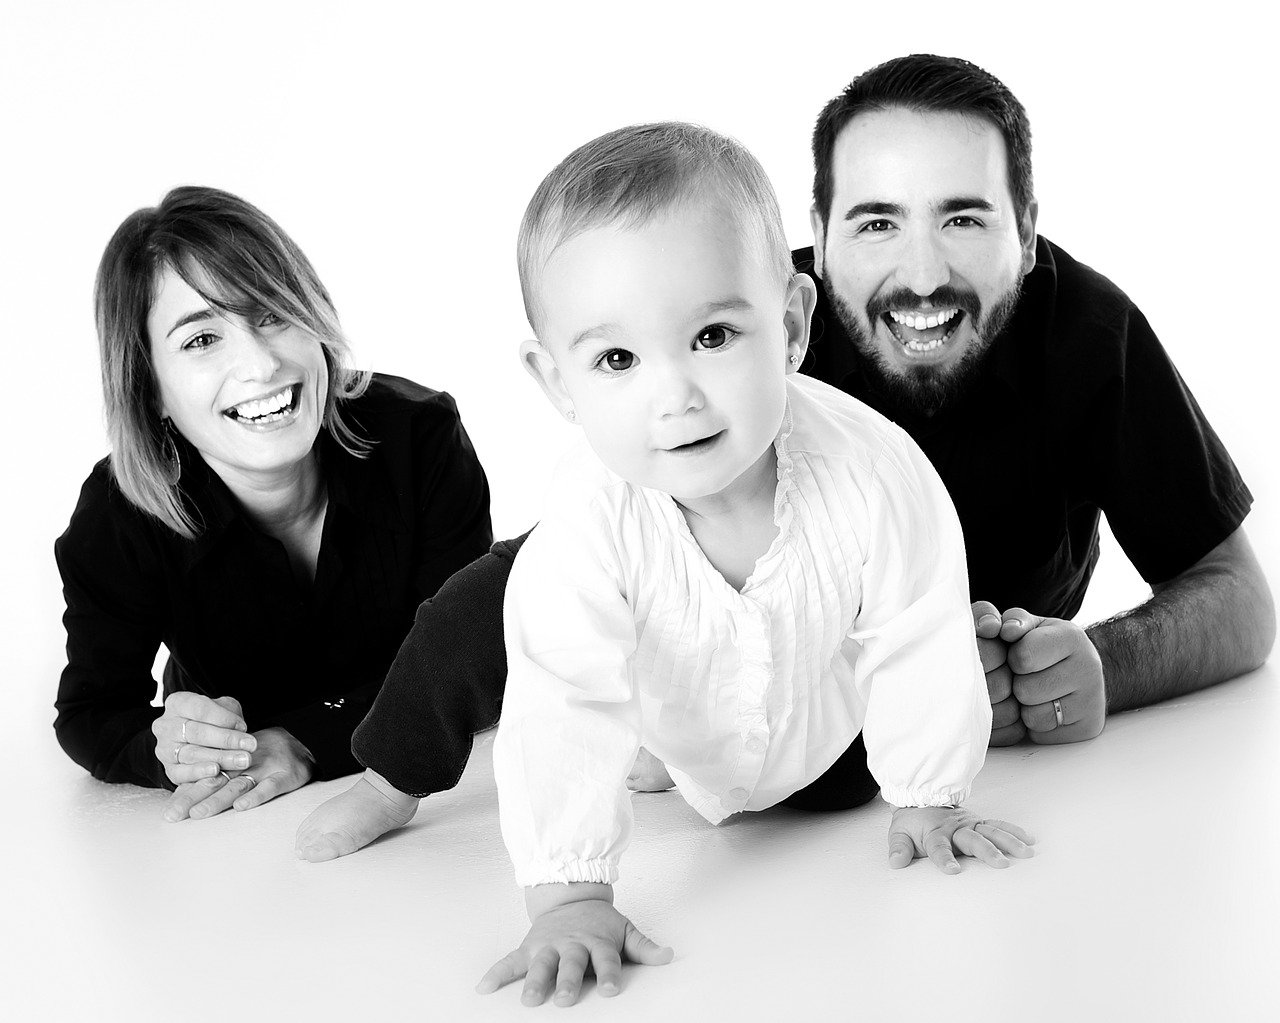 Mann und Frau hinter Baby